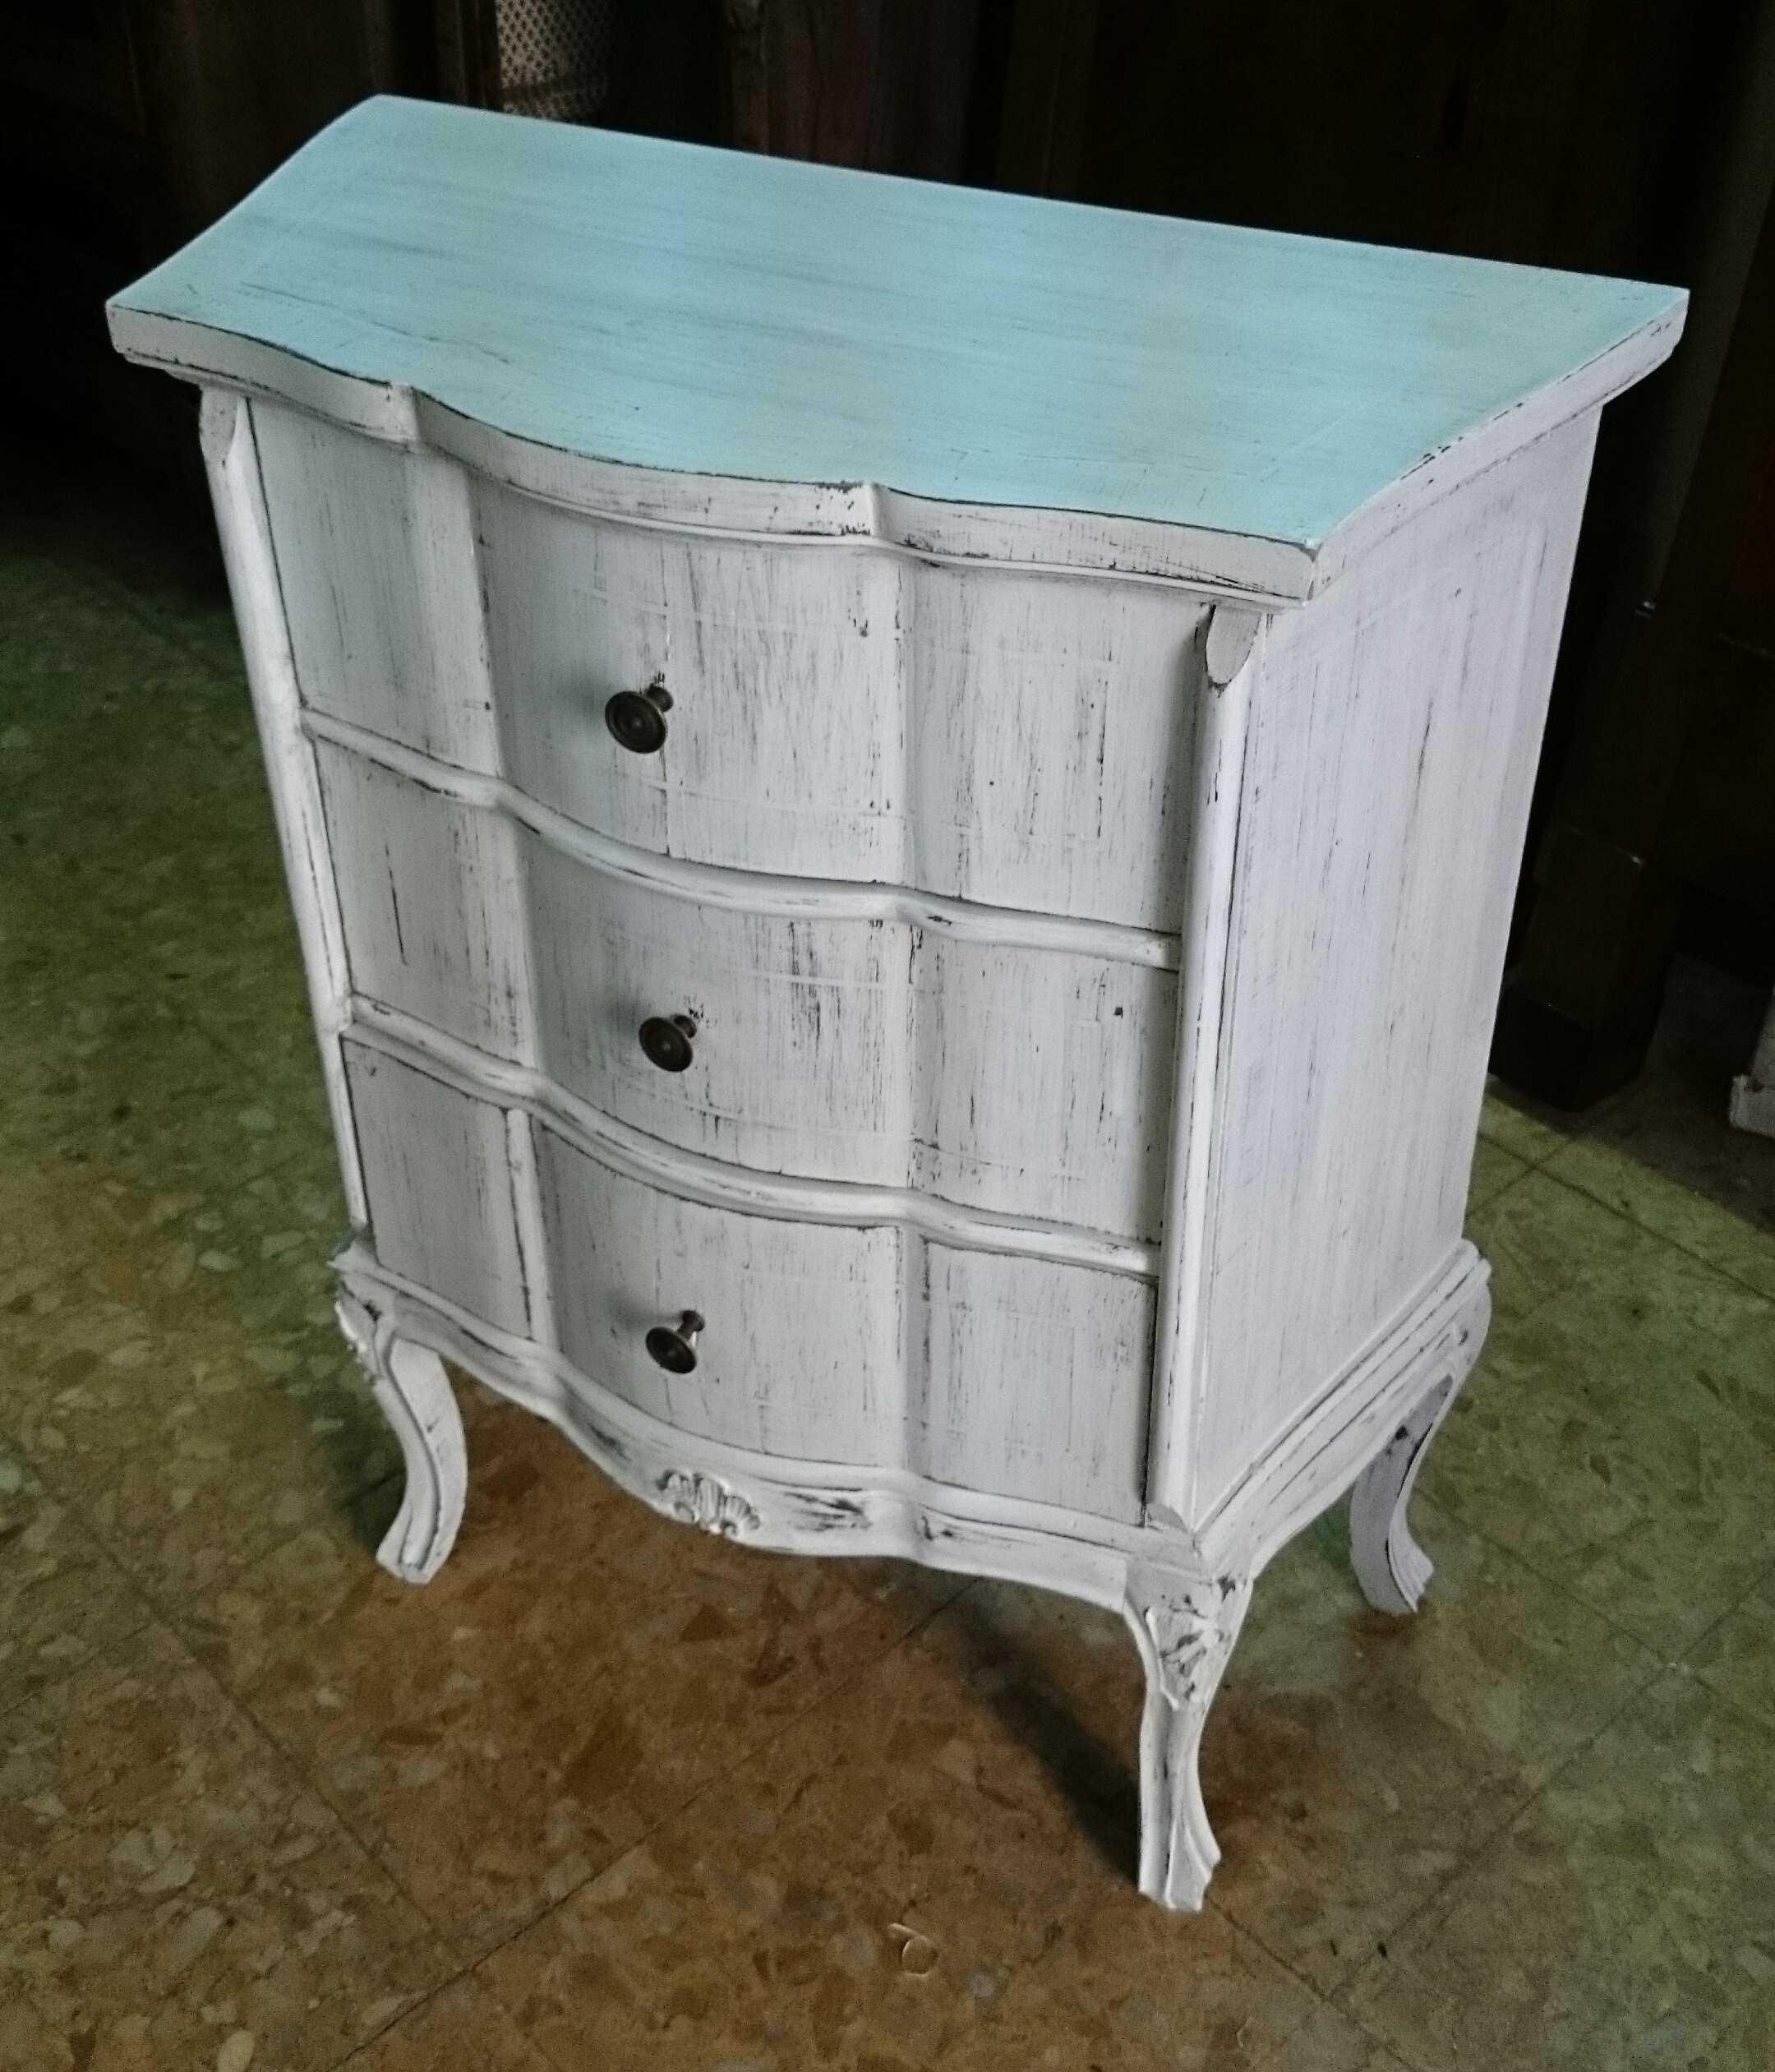 commode shabby chic arredamento mobili antiquariato musetti musetti mobili antichi. Black Bedroom Furniture Sets. Home Design Ideas